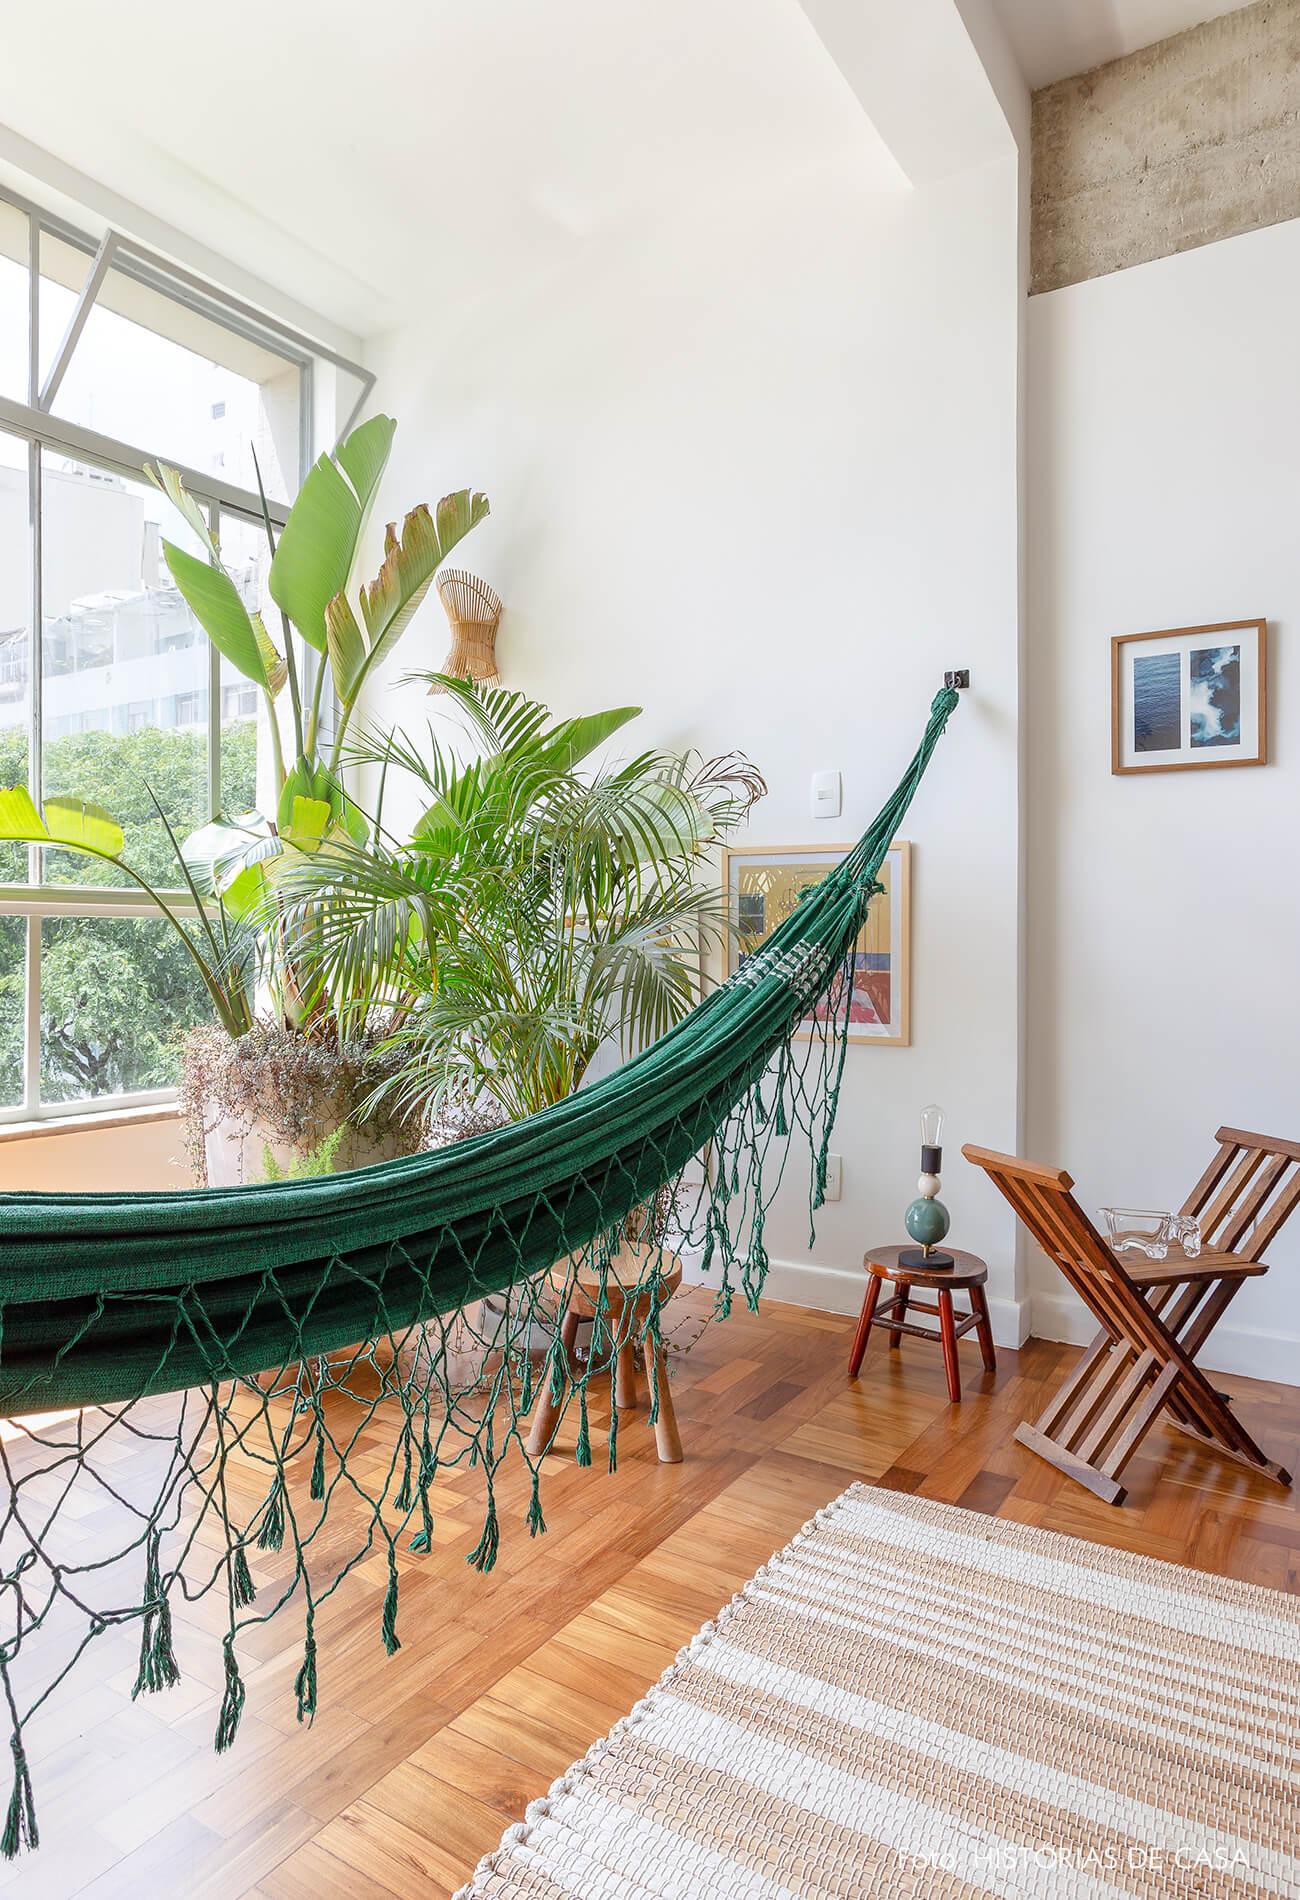 decoração sala com muitas plantas, rede e banquinhos de madeira